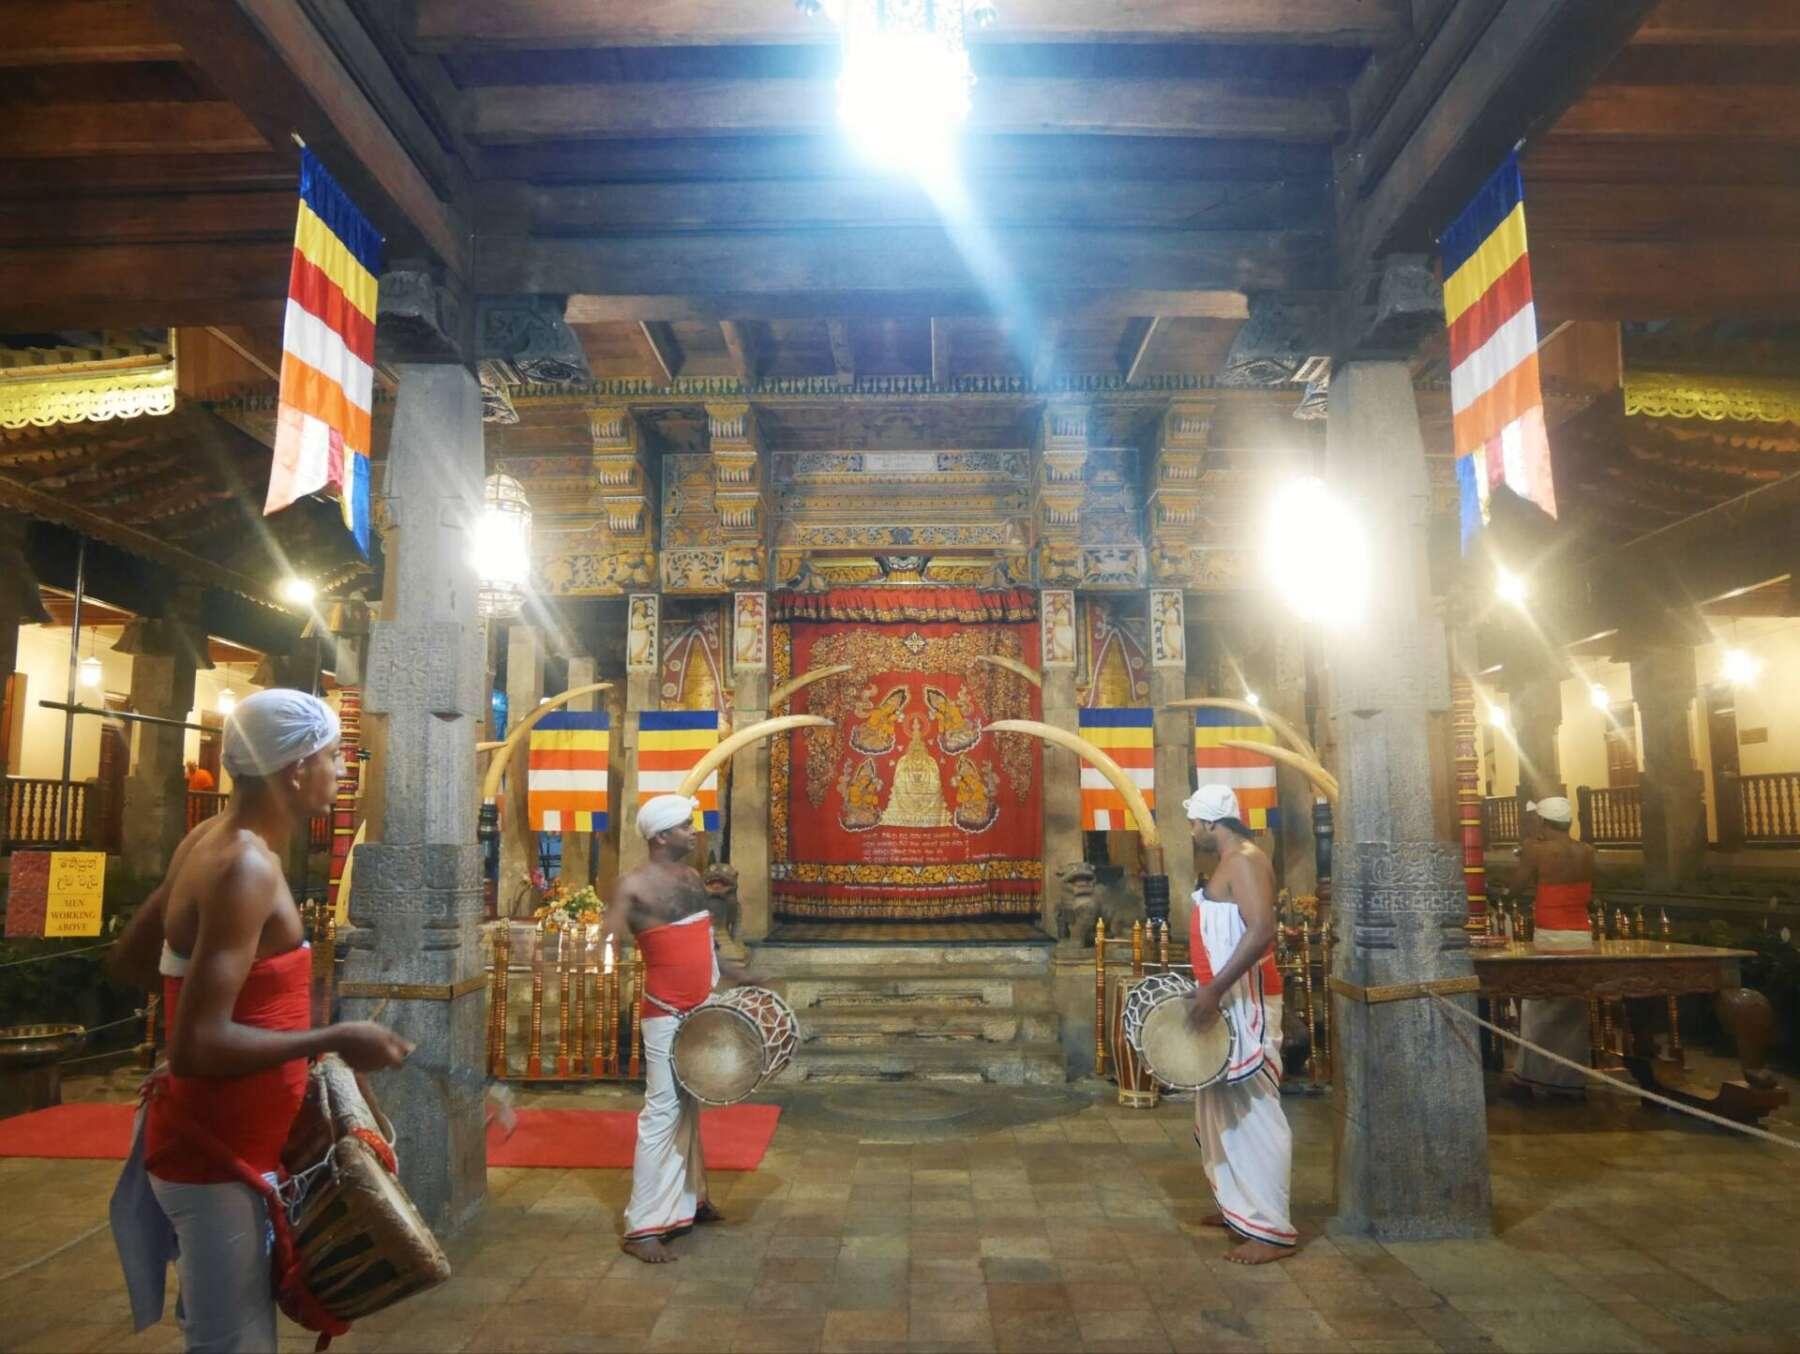 วัดพระเขี้ยวแก้ว (Temple of Tooth Relic) แคนดี้ (Kandy) ศรีลังกา (Srilanka)